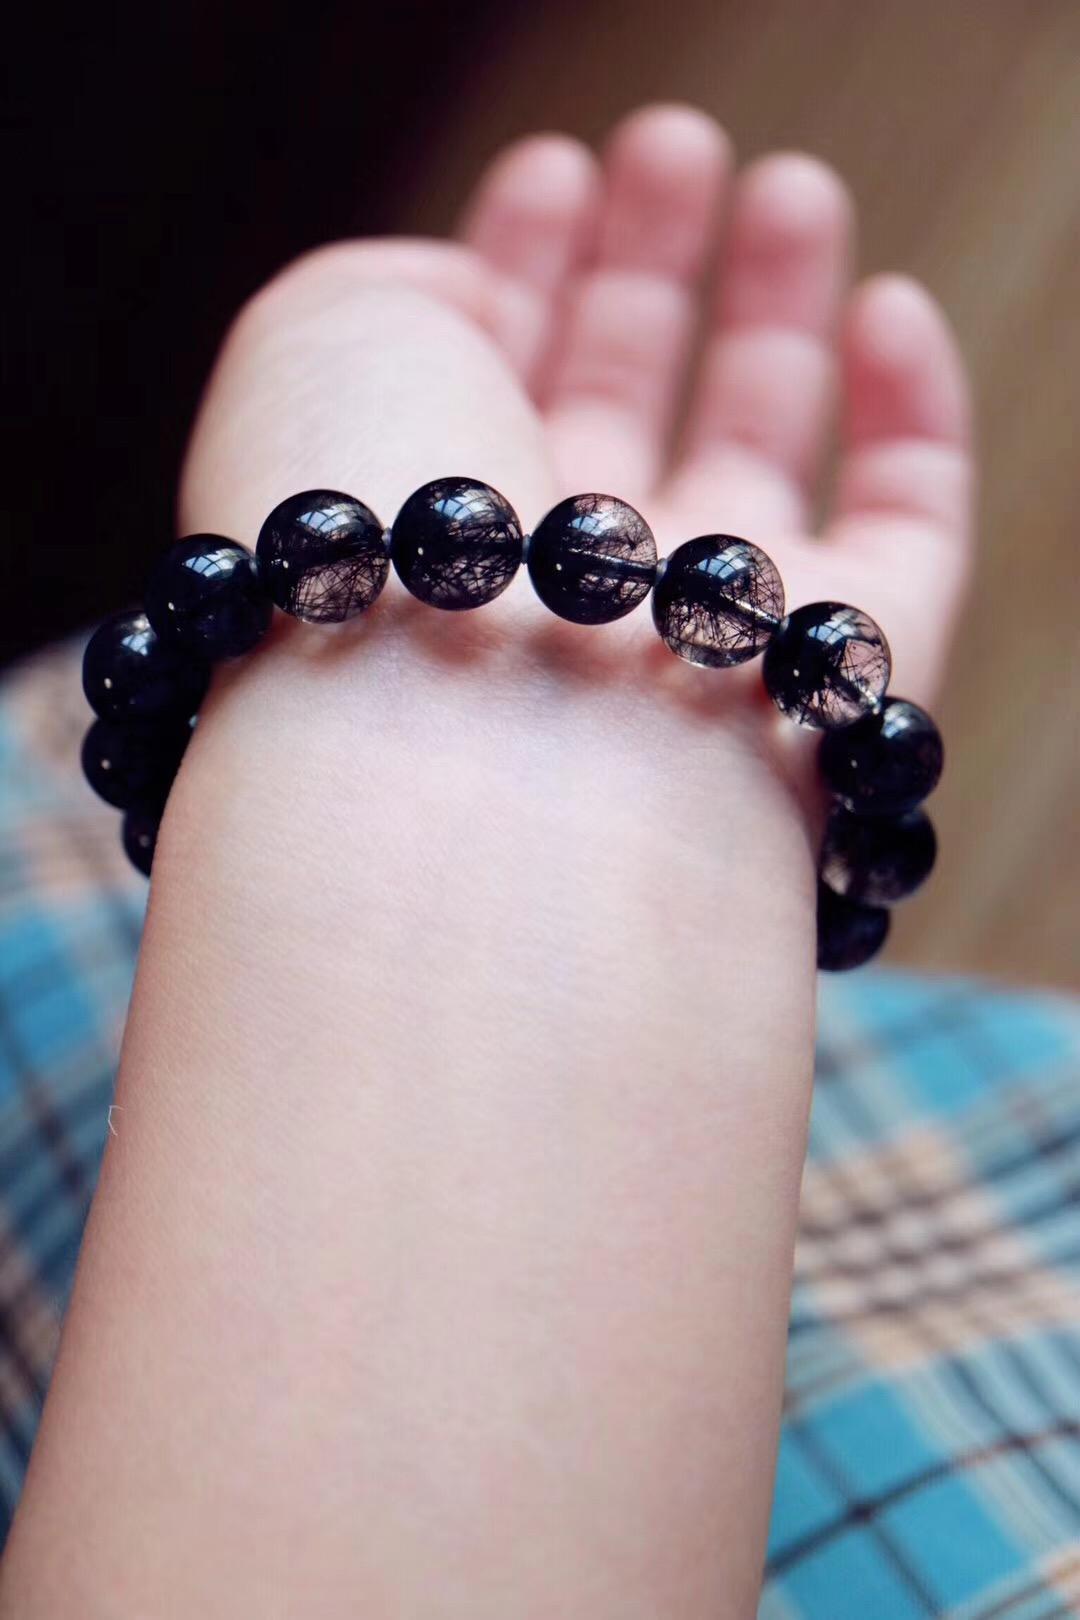 【菩心 | 极品黑发晶】酷酷的黑发晶,适合走气质路线的女子-菩心晶舍